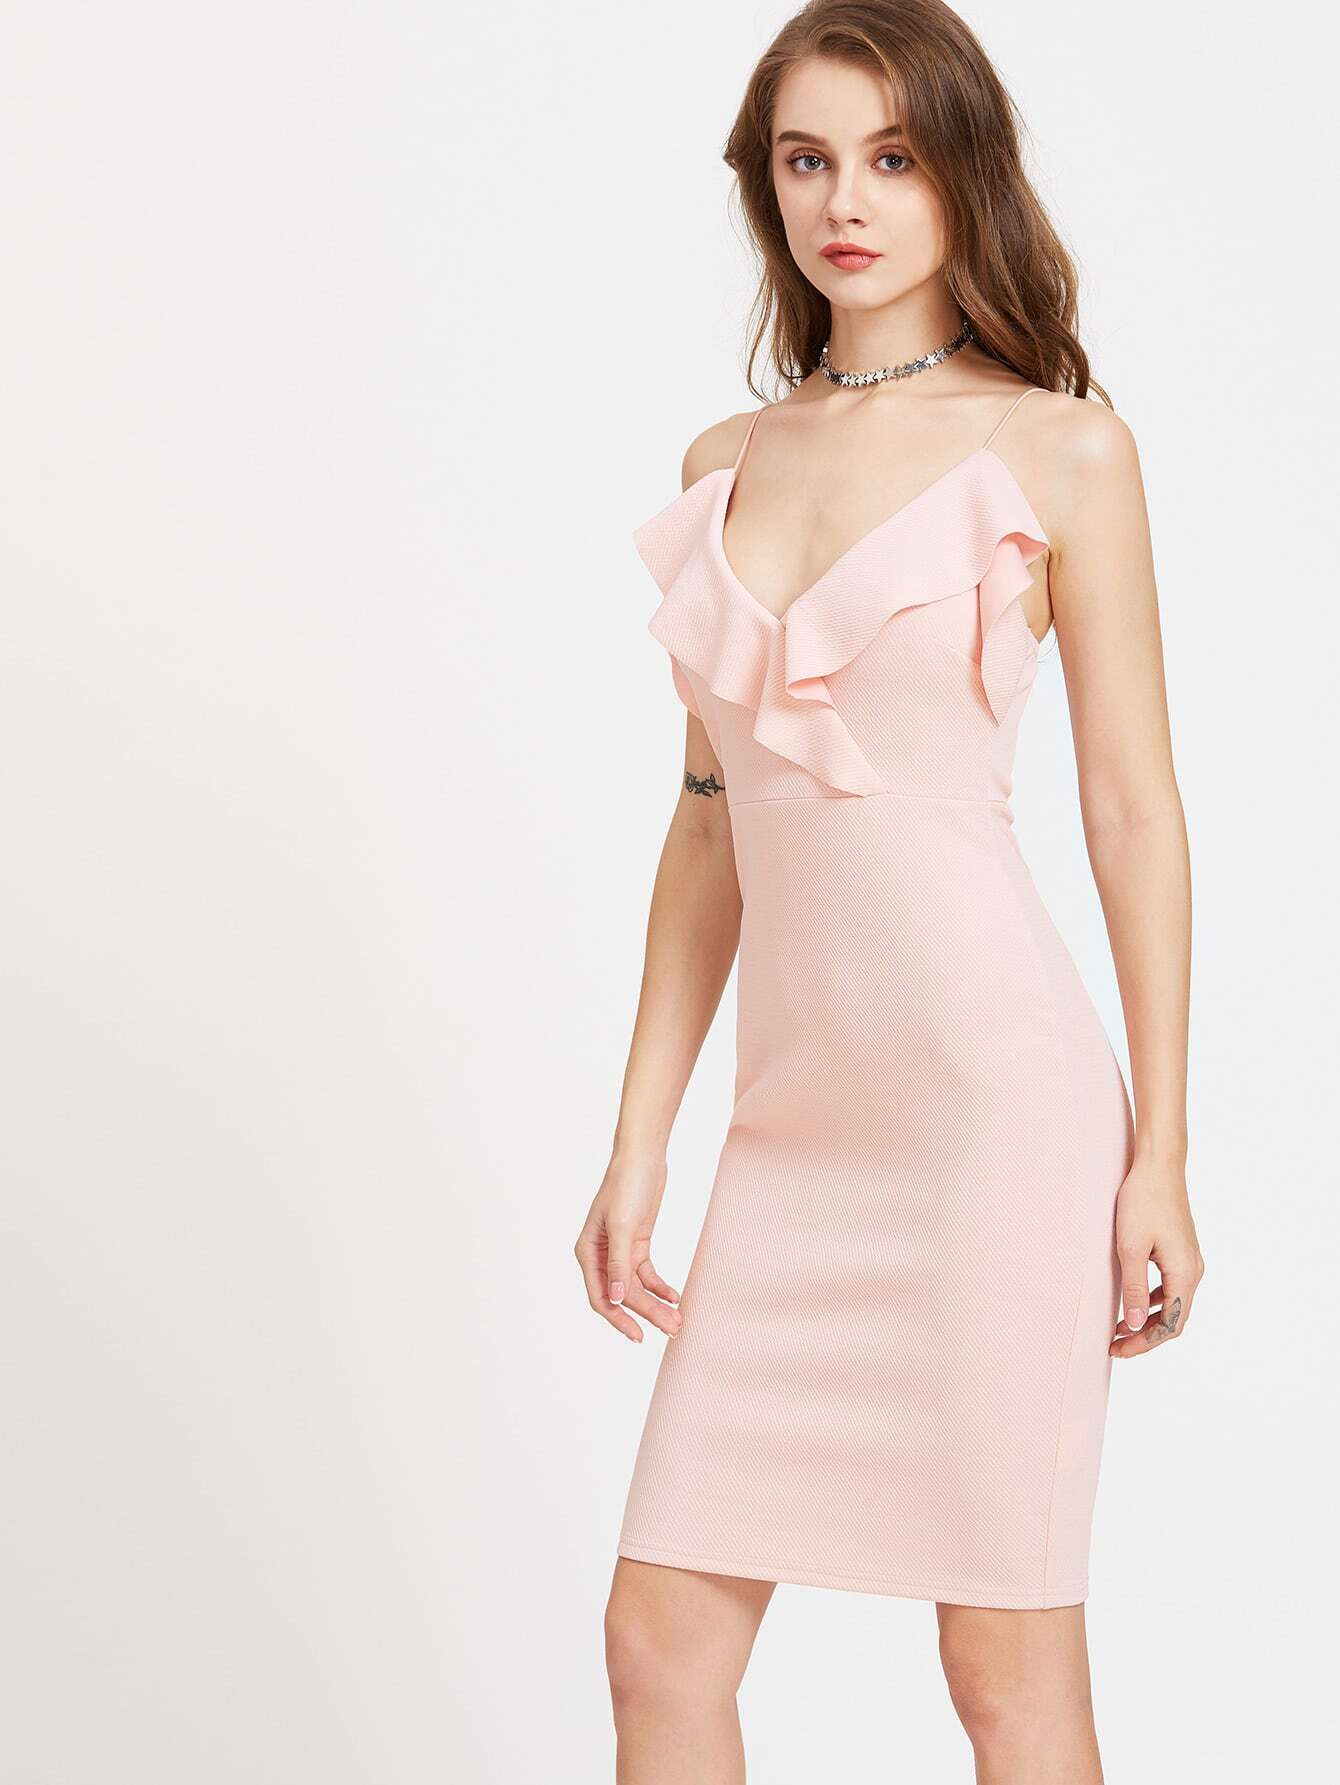 dress170331450_2